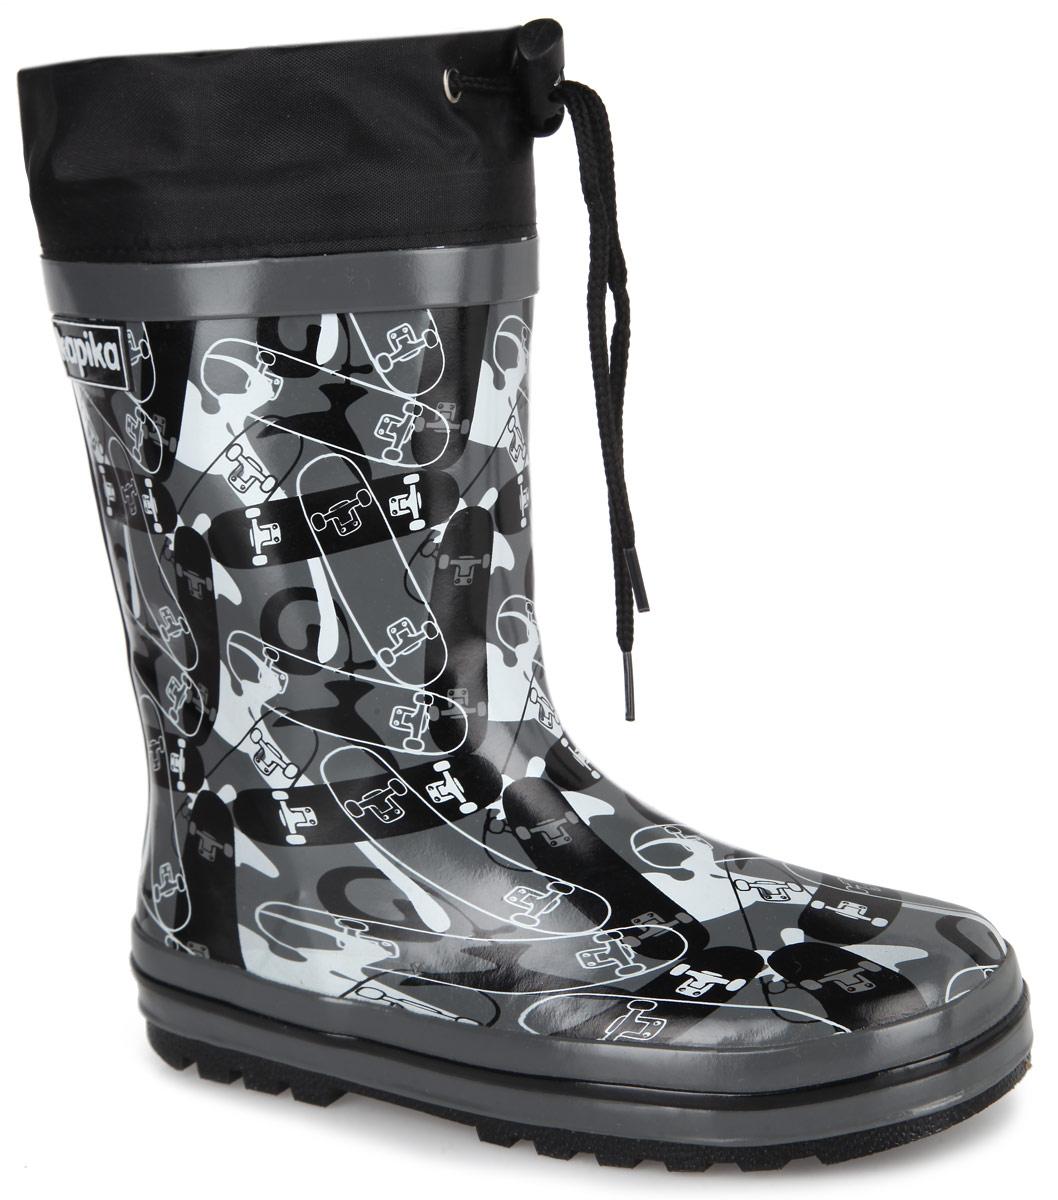 Сапоги резиновые для мальчика. 530т530тРезиновые сапоги от Kapika - идеальная обувь в дождливую погоду. Сапоги выполнены из резины и оформлены оригинальным принтом со скейтбордами. Подкладка и съемная стелька из текстиля помогают сохранить тепло и создают комфорт при ходьбе. Текстильный верх голенища регулируется в объеме за счет шнурка со стоппером. Рельефная поверхность подошвы гарантирует отличное сцепление с любой поверхностью. Резиновые сапоги прекрасно защитят ноги вашего ребенка от промокания в дождливый день.